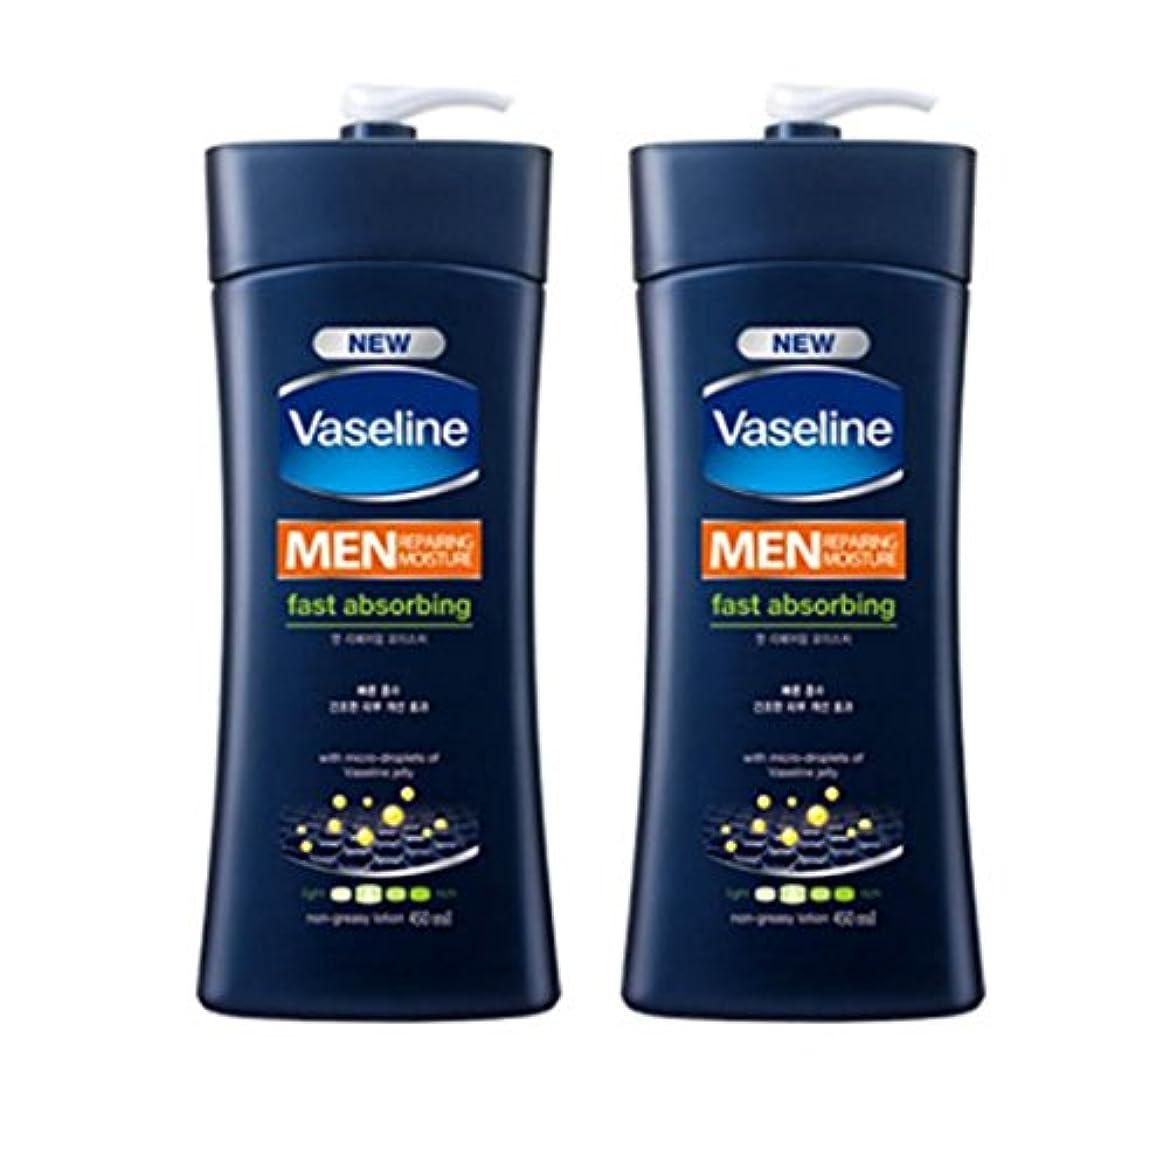 等々レタッチ戸惑うヴァセリン メンズ リペアリング モイスチャーローション(Vaseline Man Repairing Moisture Lotion) 450ml X 2個 [並行輸入品]